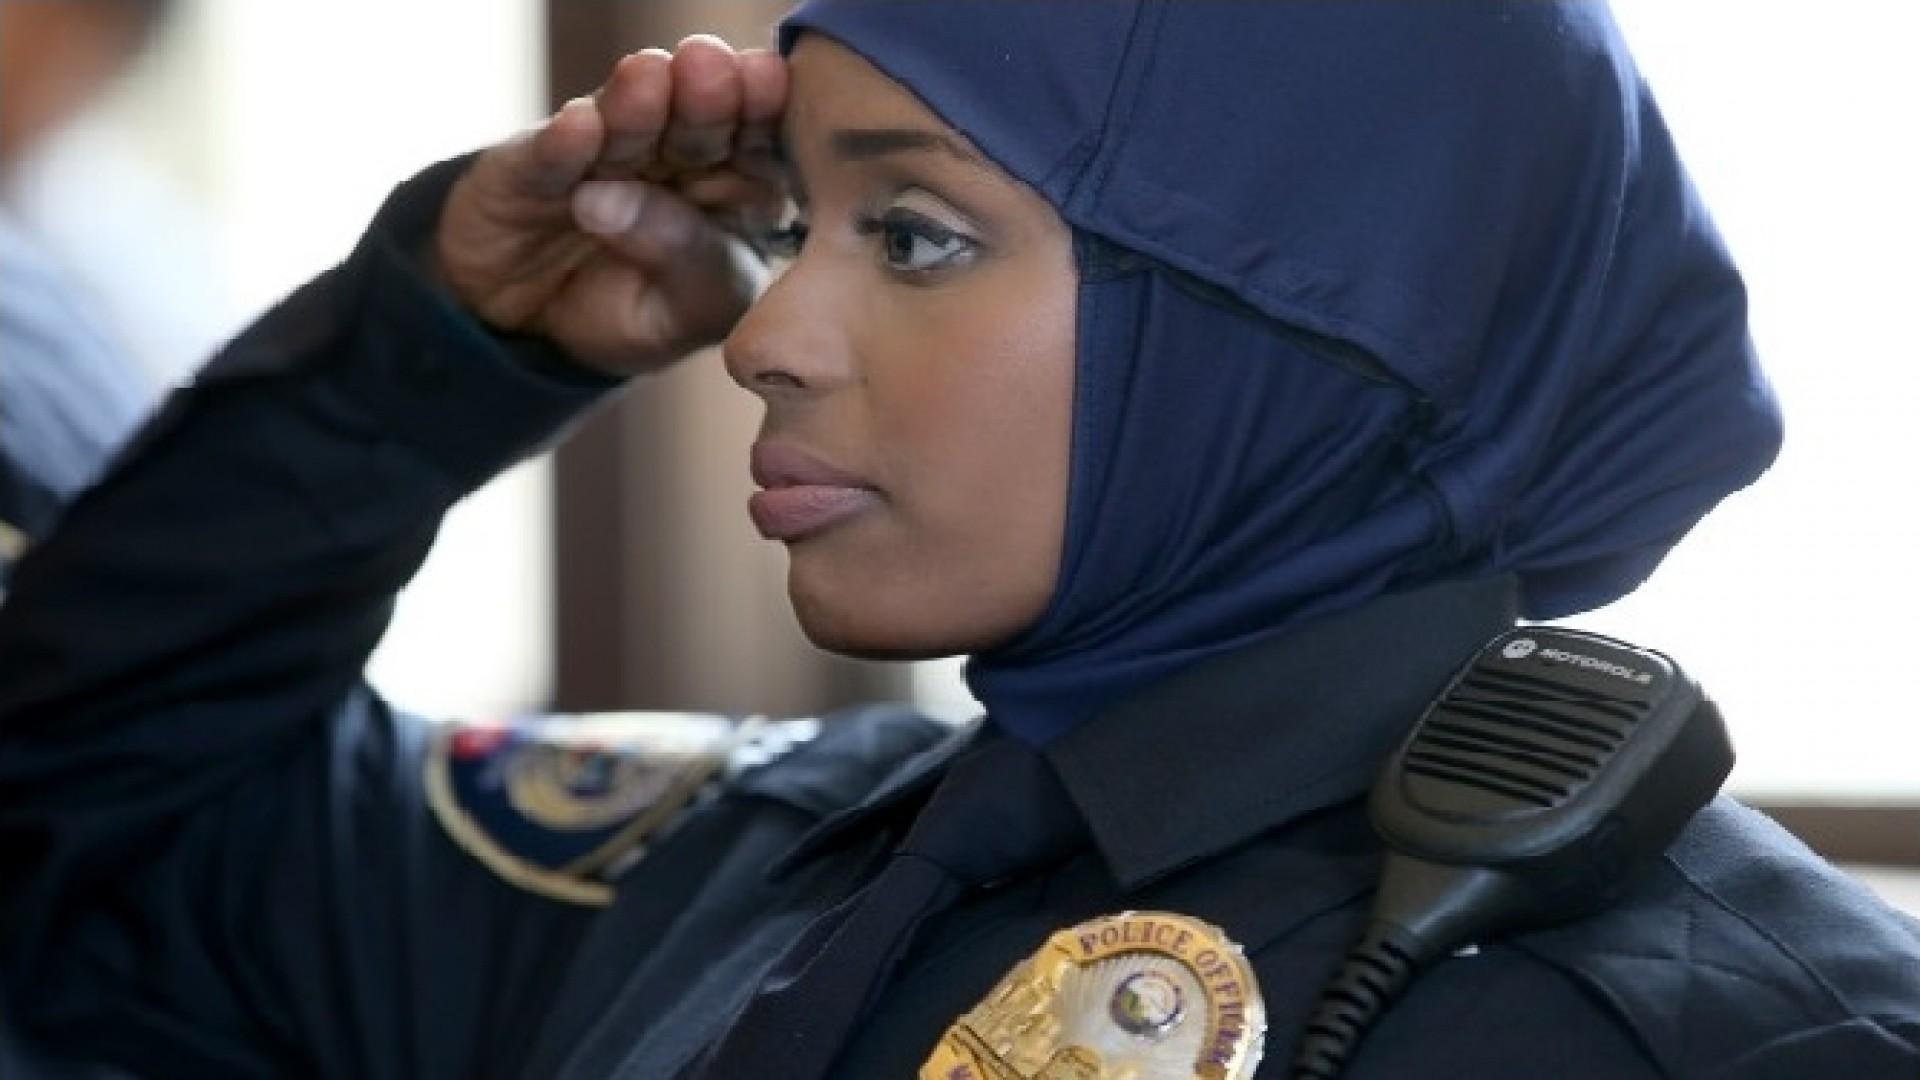 SHBA: një vendim që gratë muslimane me hixhab mund të punojnë si oficere policie